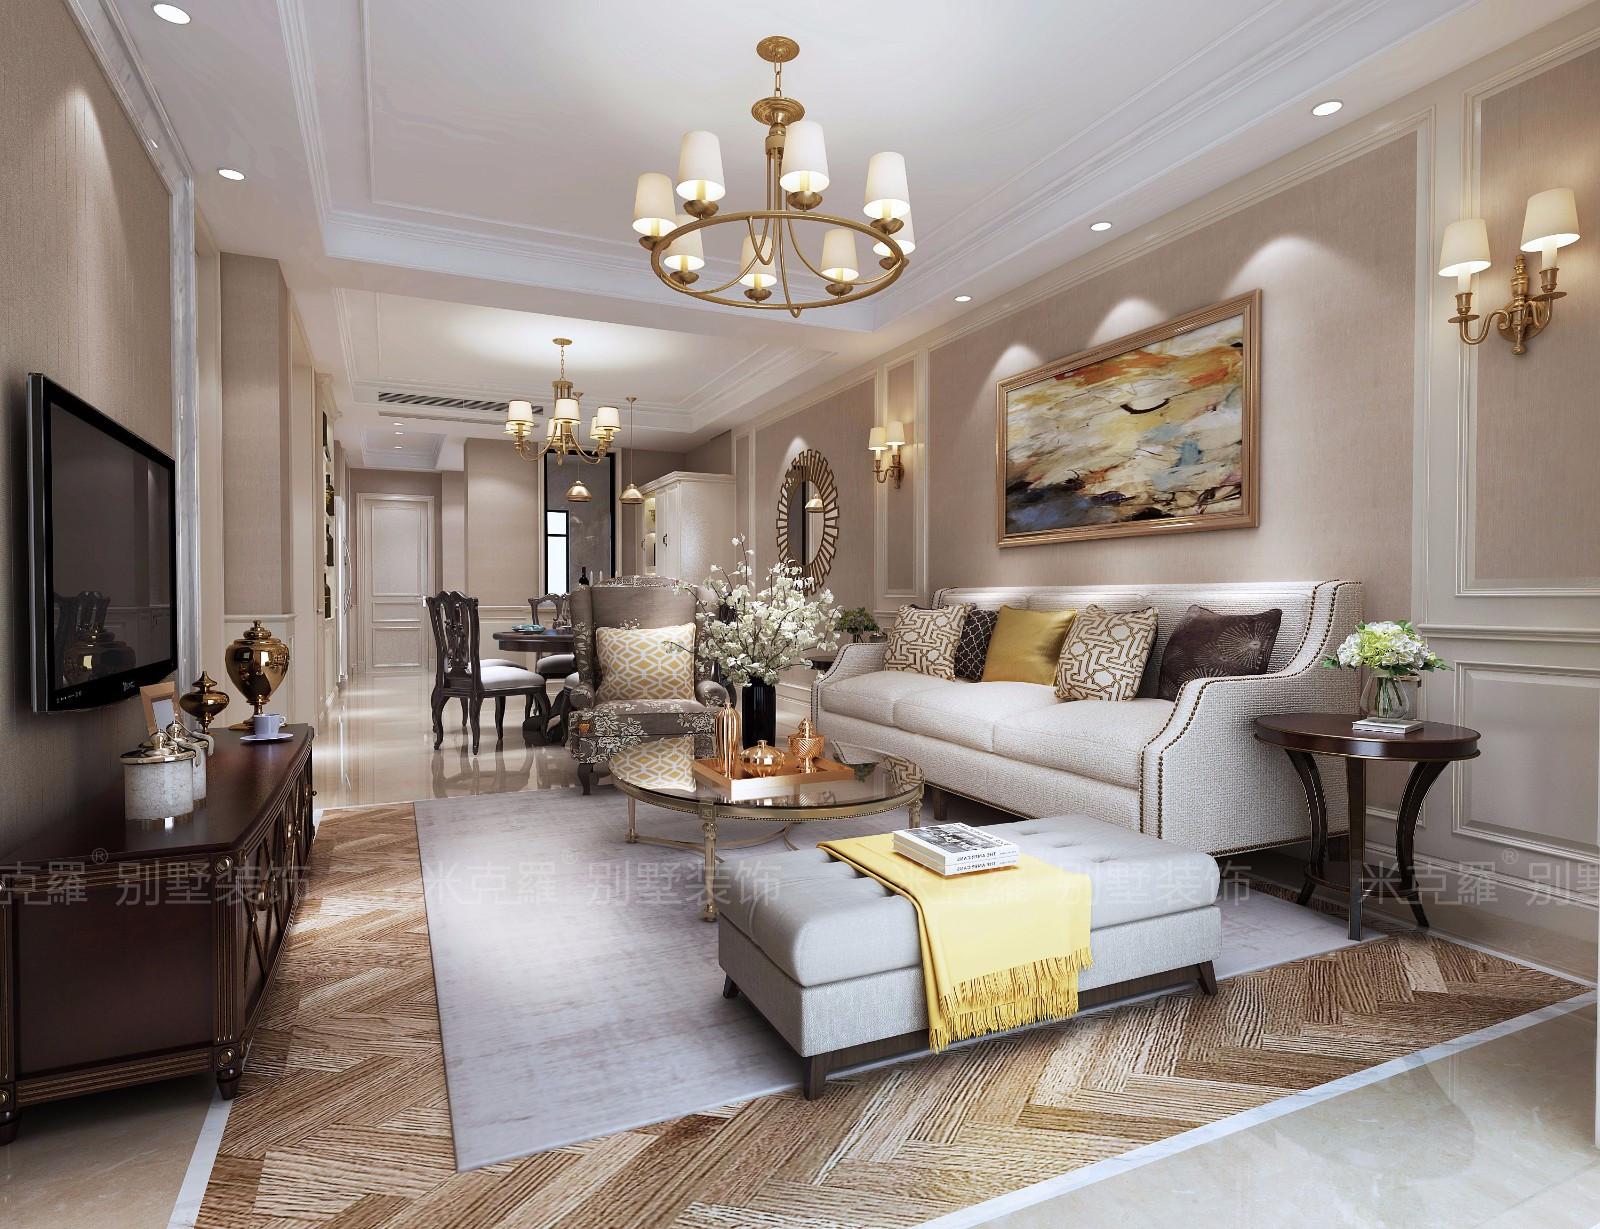 隐于闹市中——狮山御园现代美式大宅别墅生活